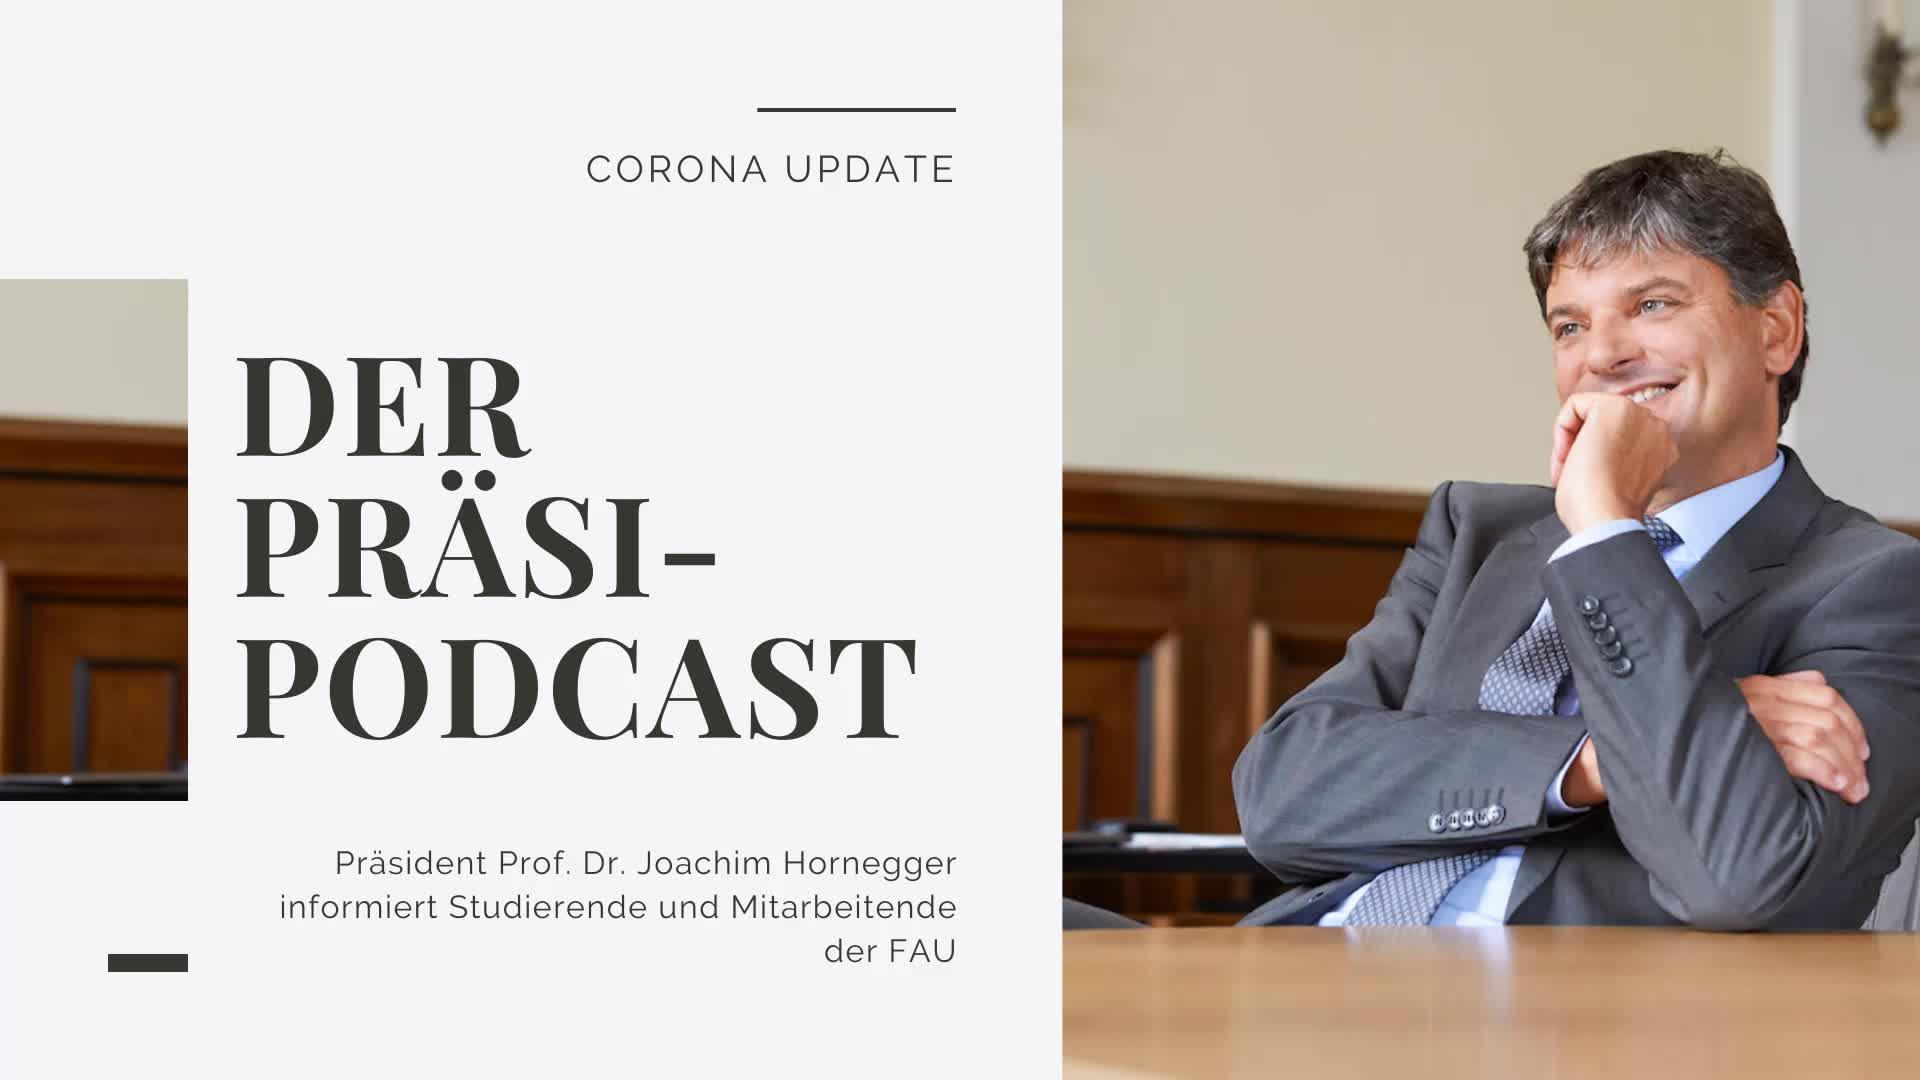 """""""Der Präsi-Podcast"""" vom 24. September 2020 preview image"""